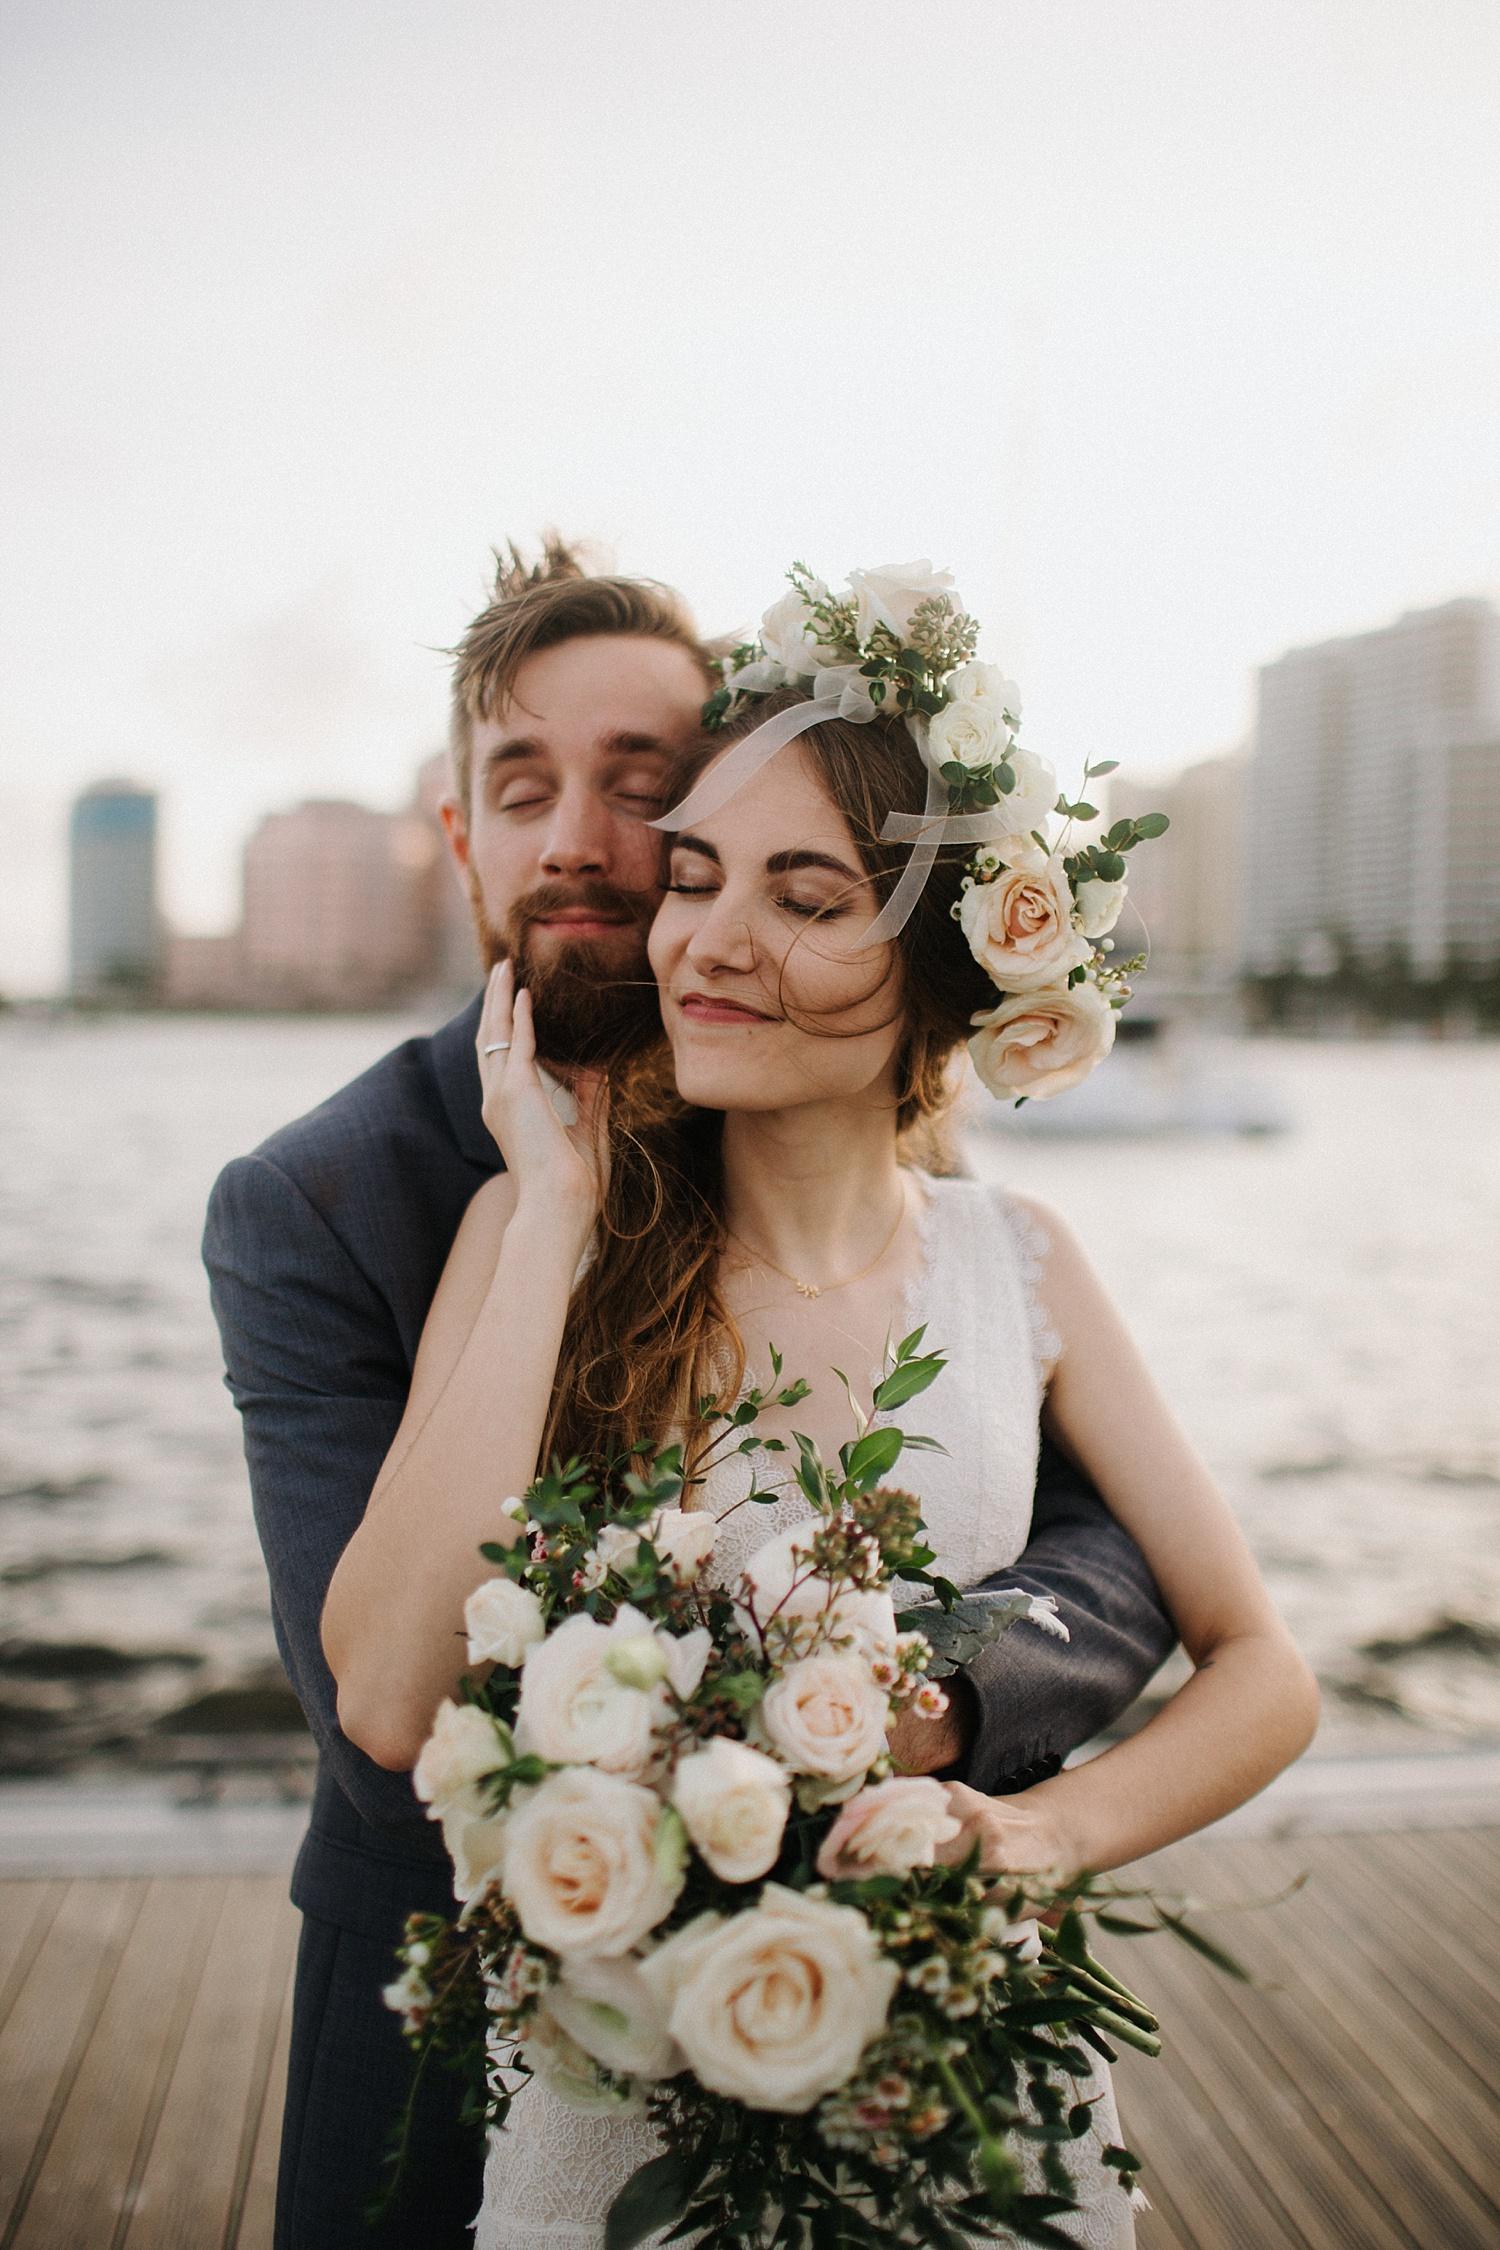 Peter + Kareena Rineer Downtown West Palm Beach December Wedding 2018_0064.jpg